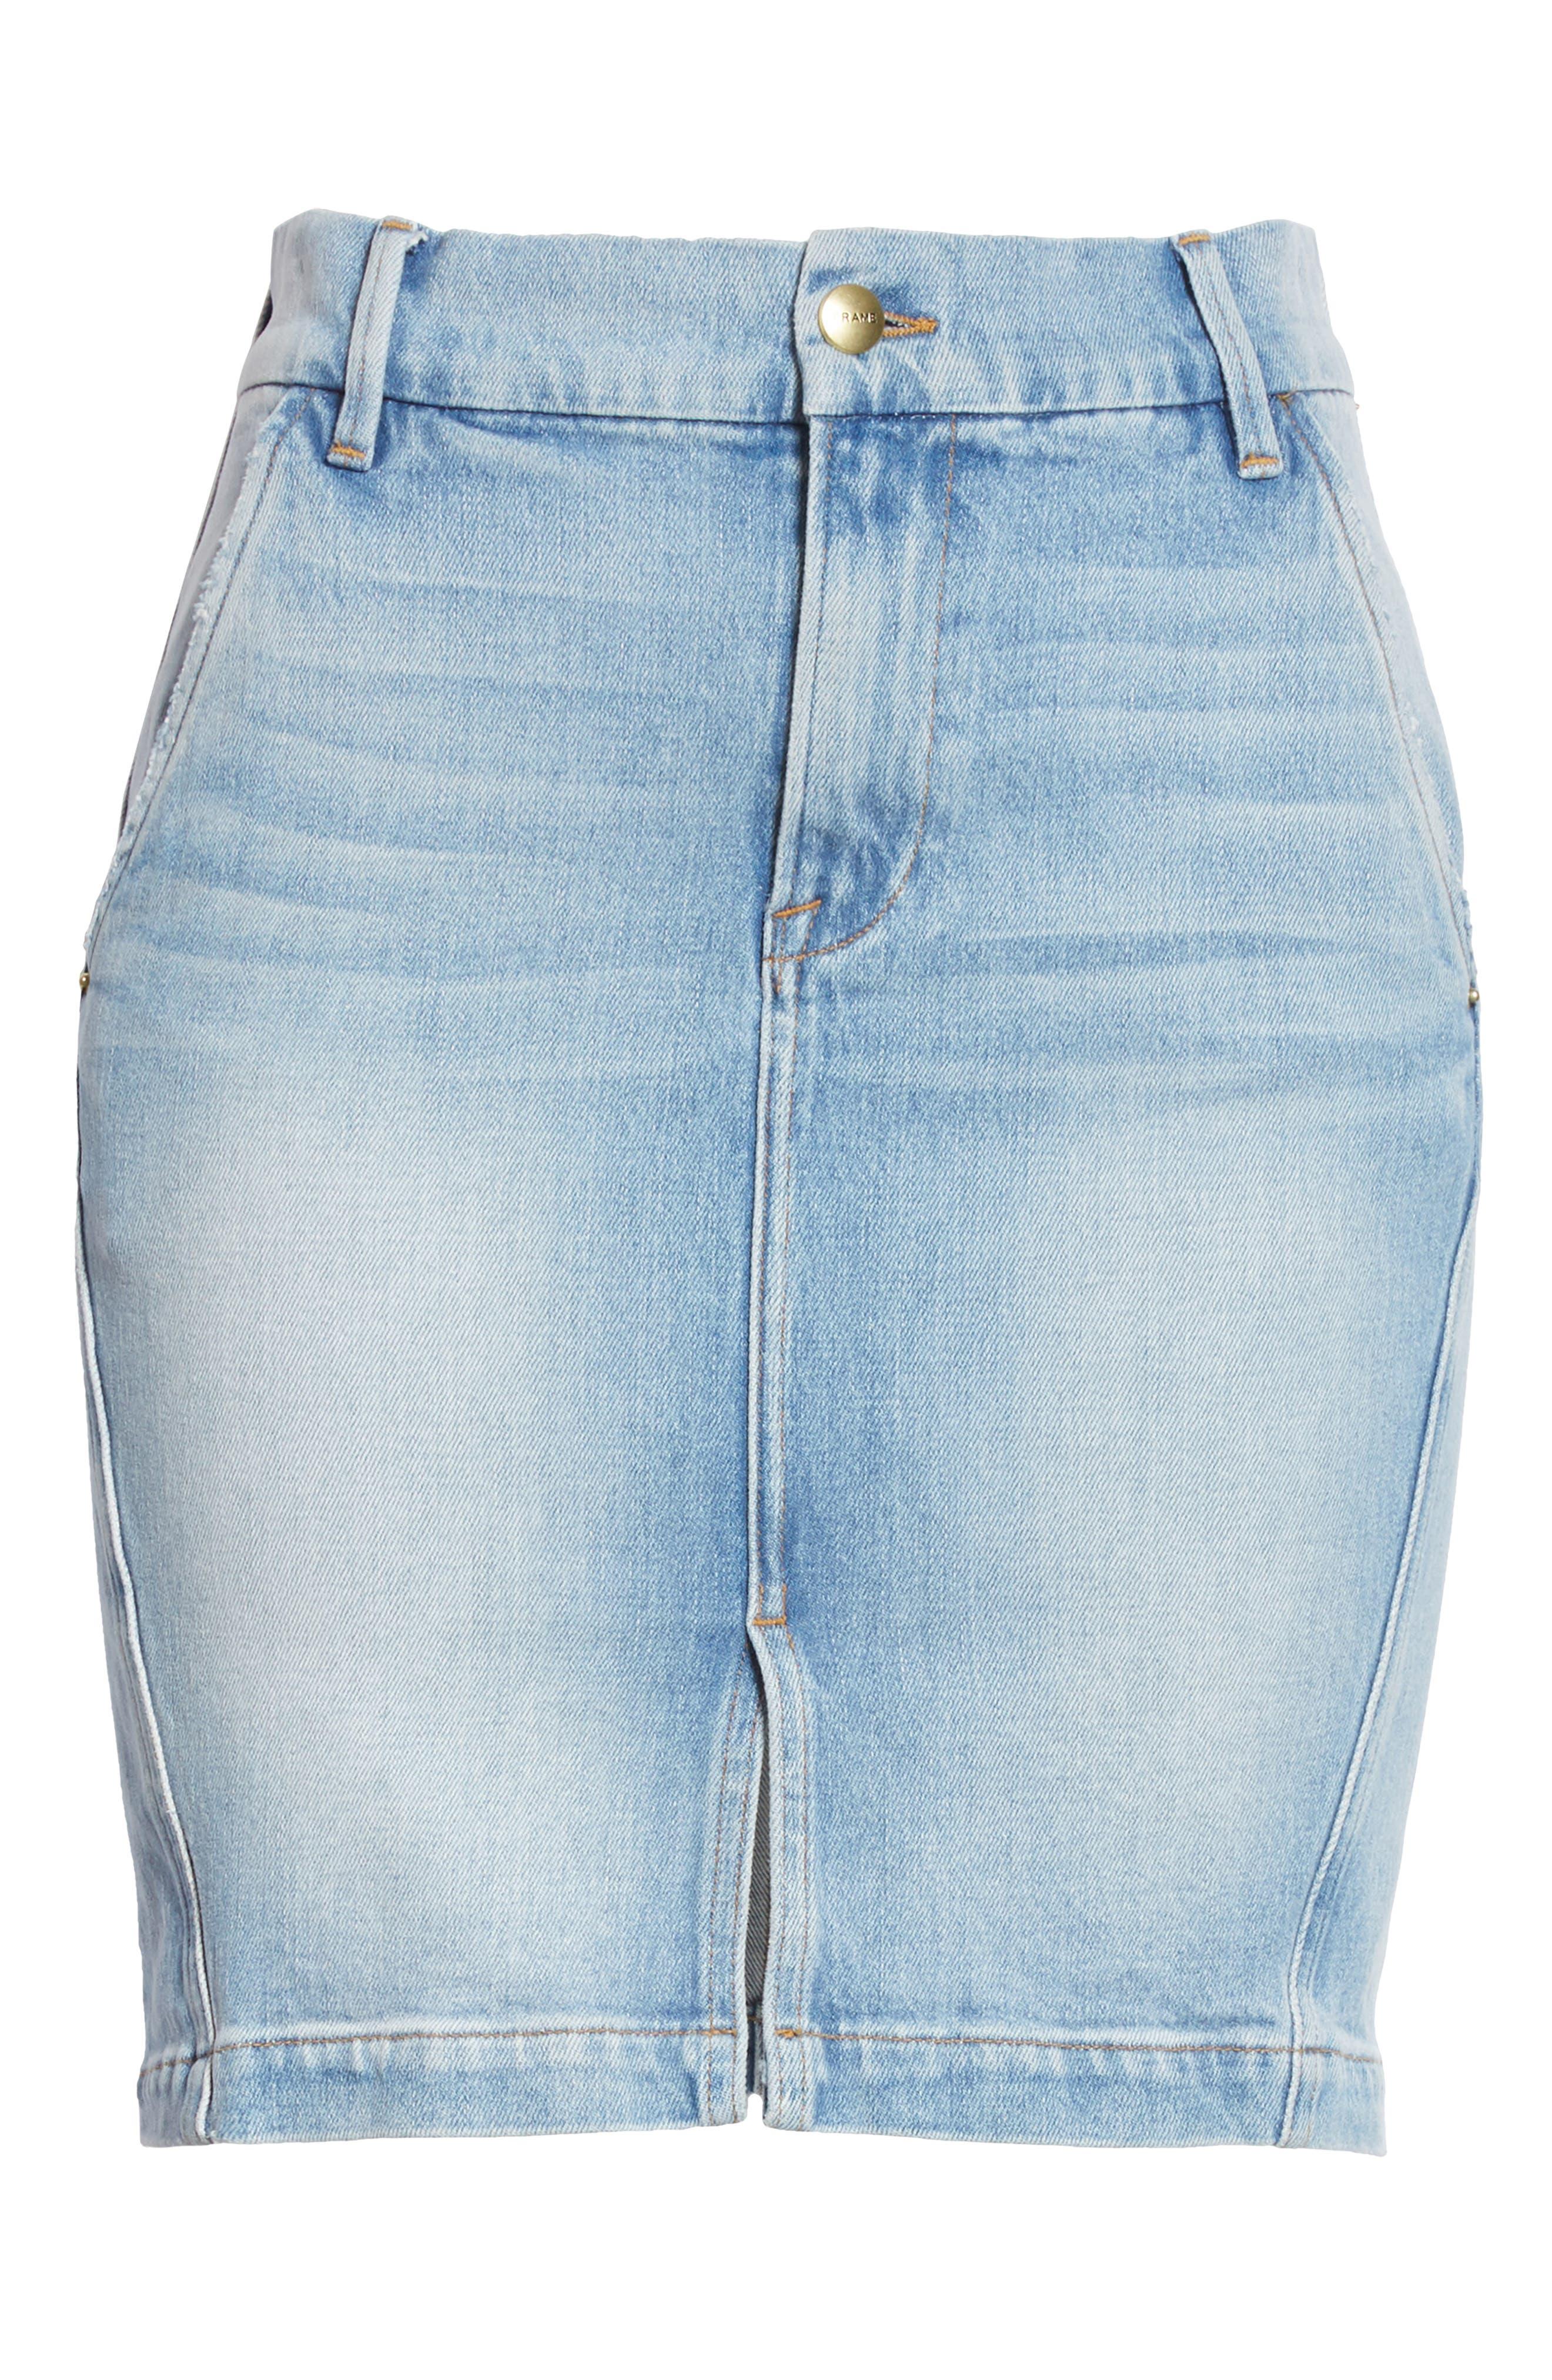 Body-Con Denim Miniskirt,                             Alternate thumbnail 7, color,                             450